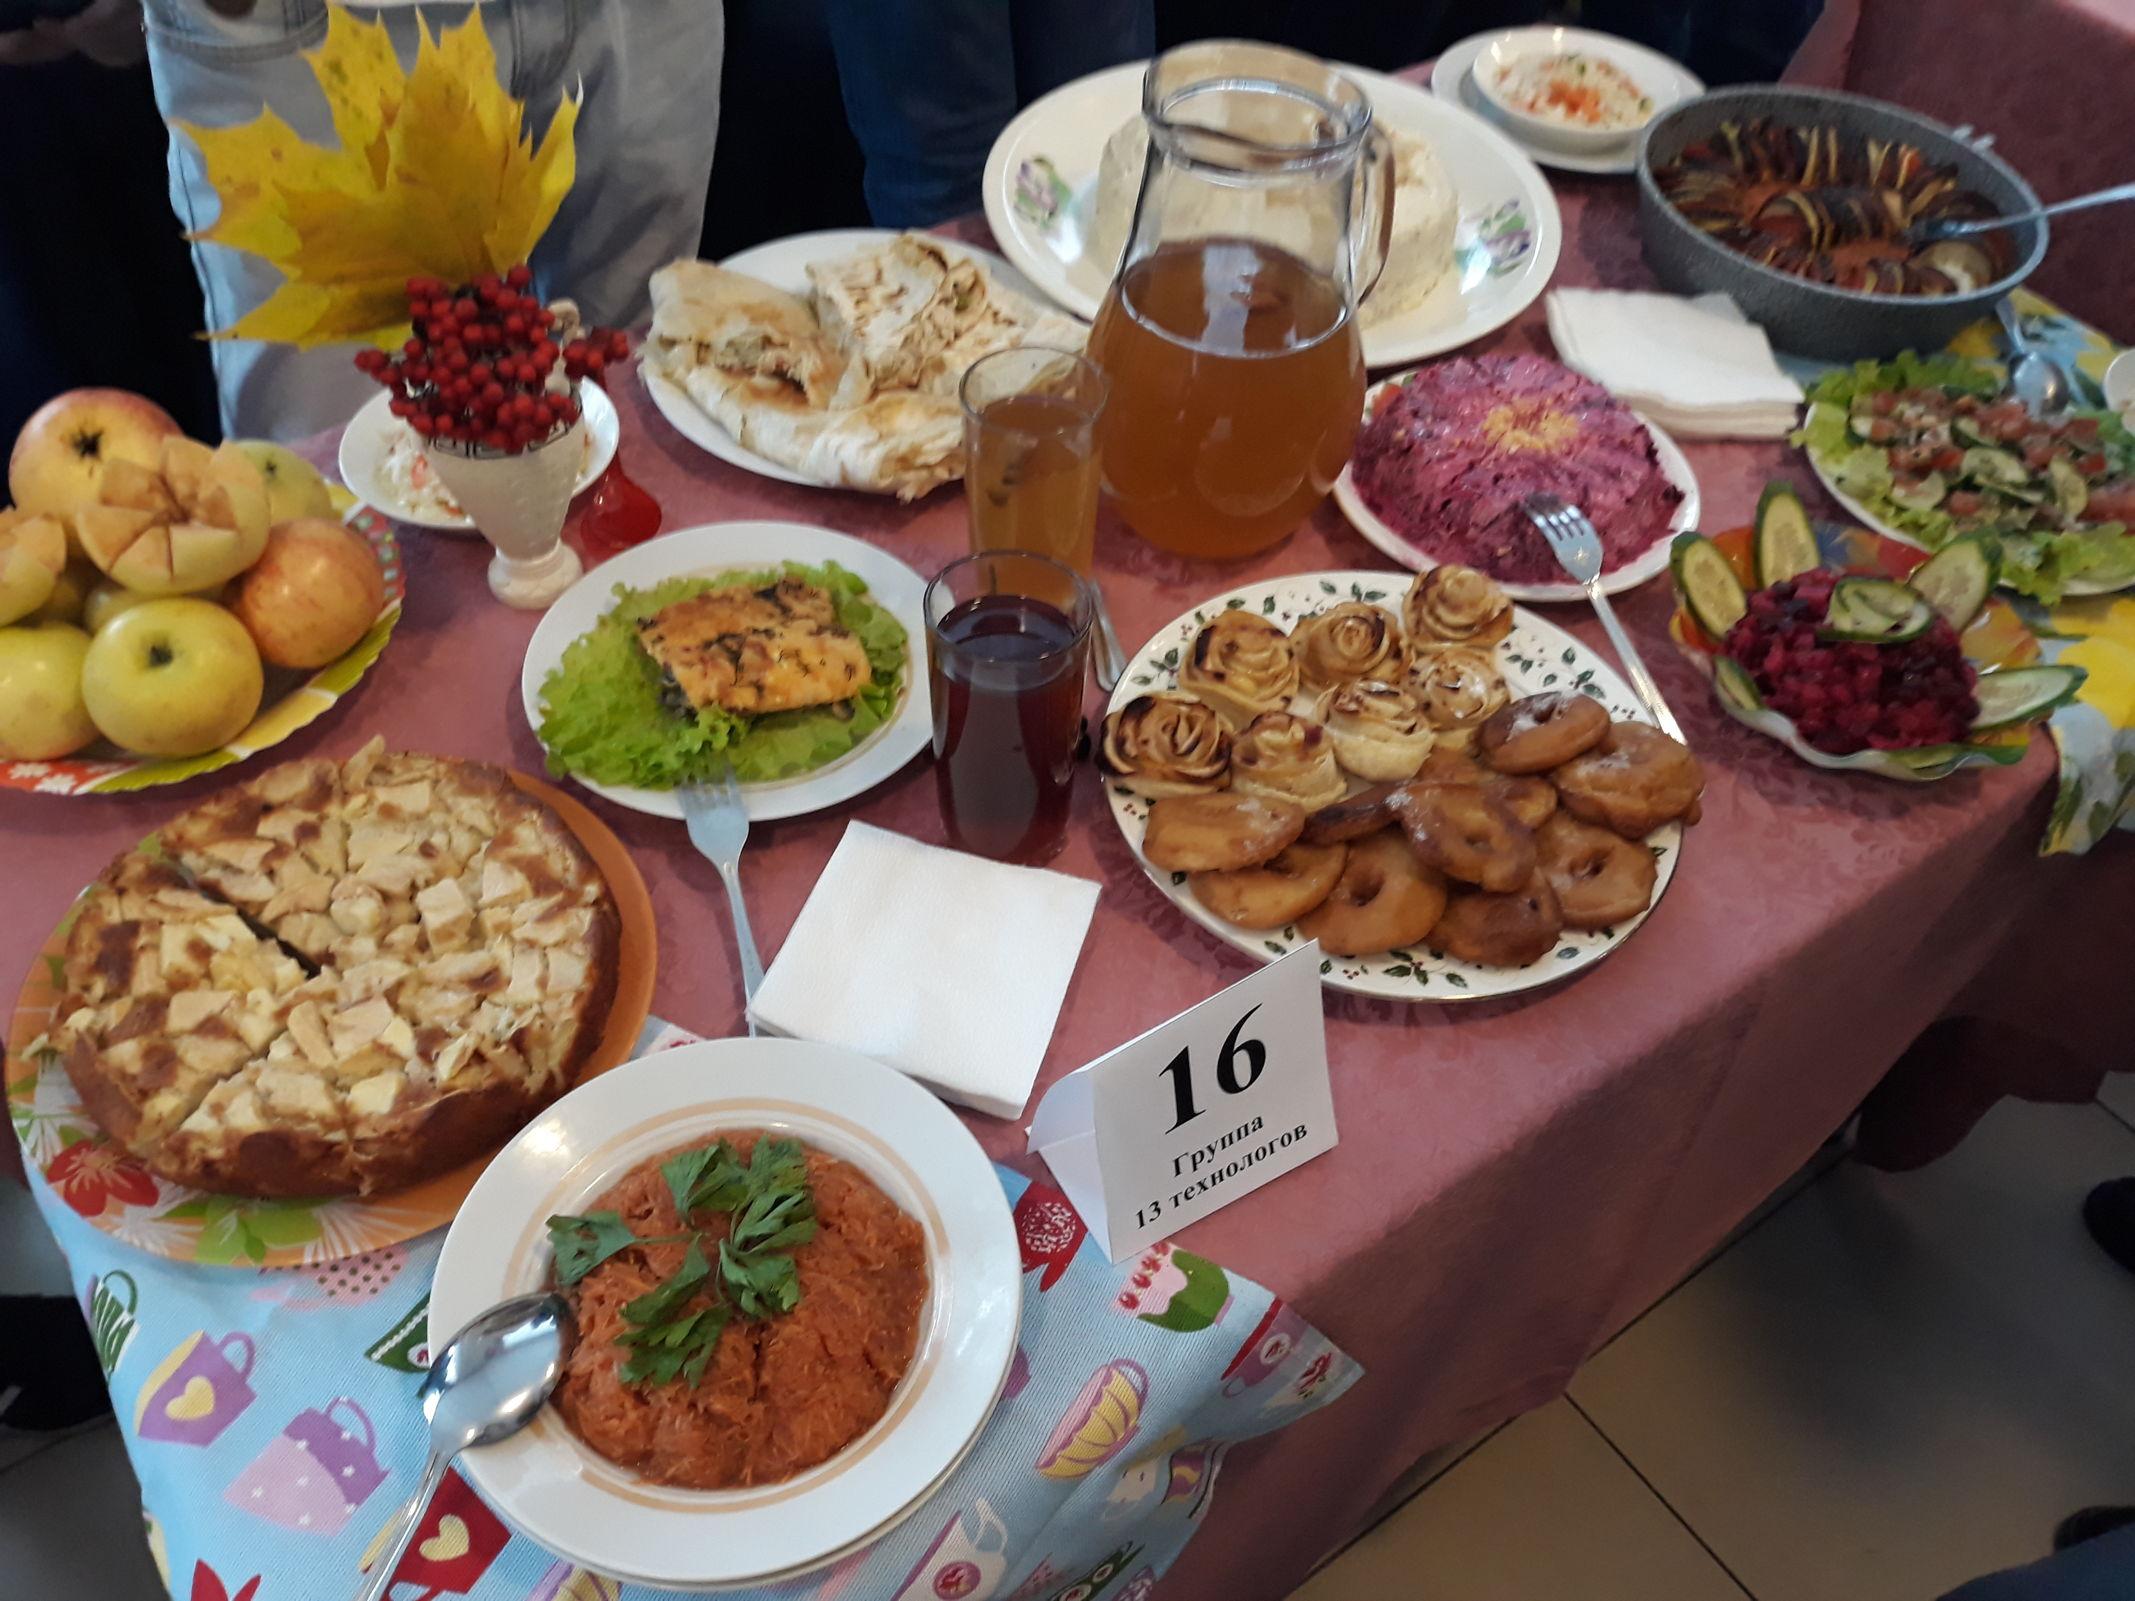 В Ярославле на кулинарном фестивале презентовали блюда из сезонных овощей